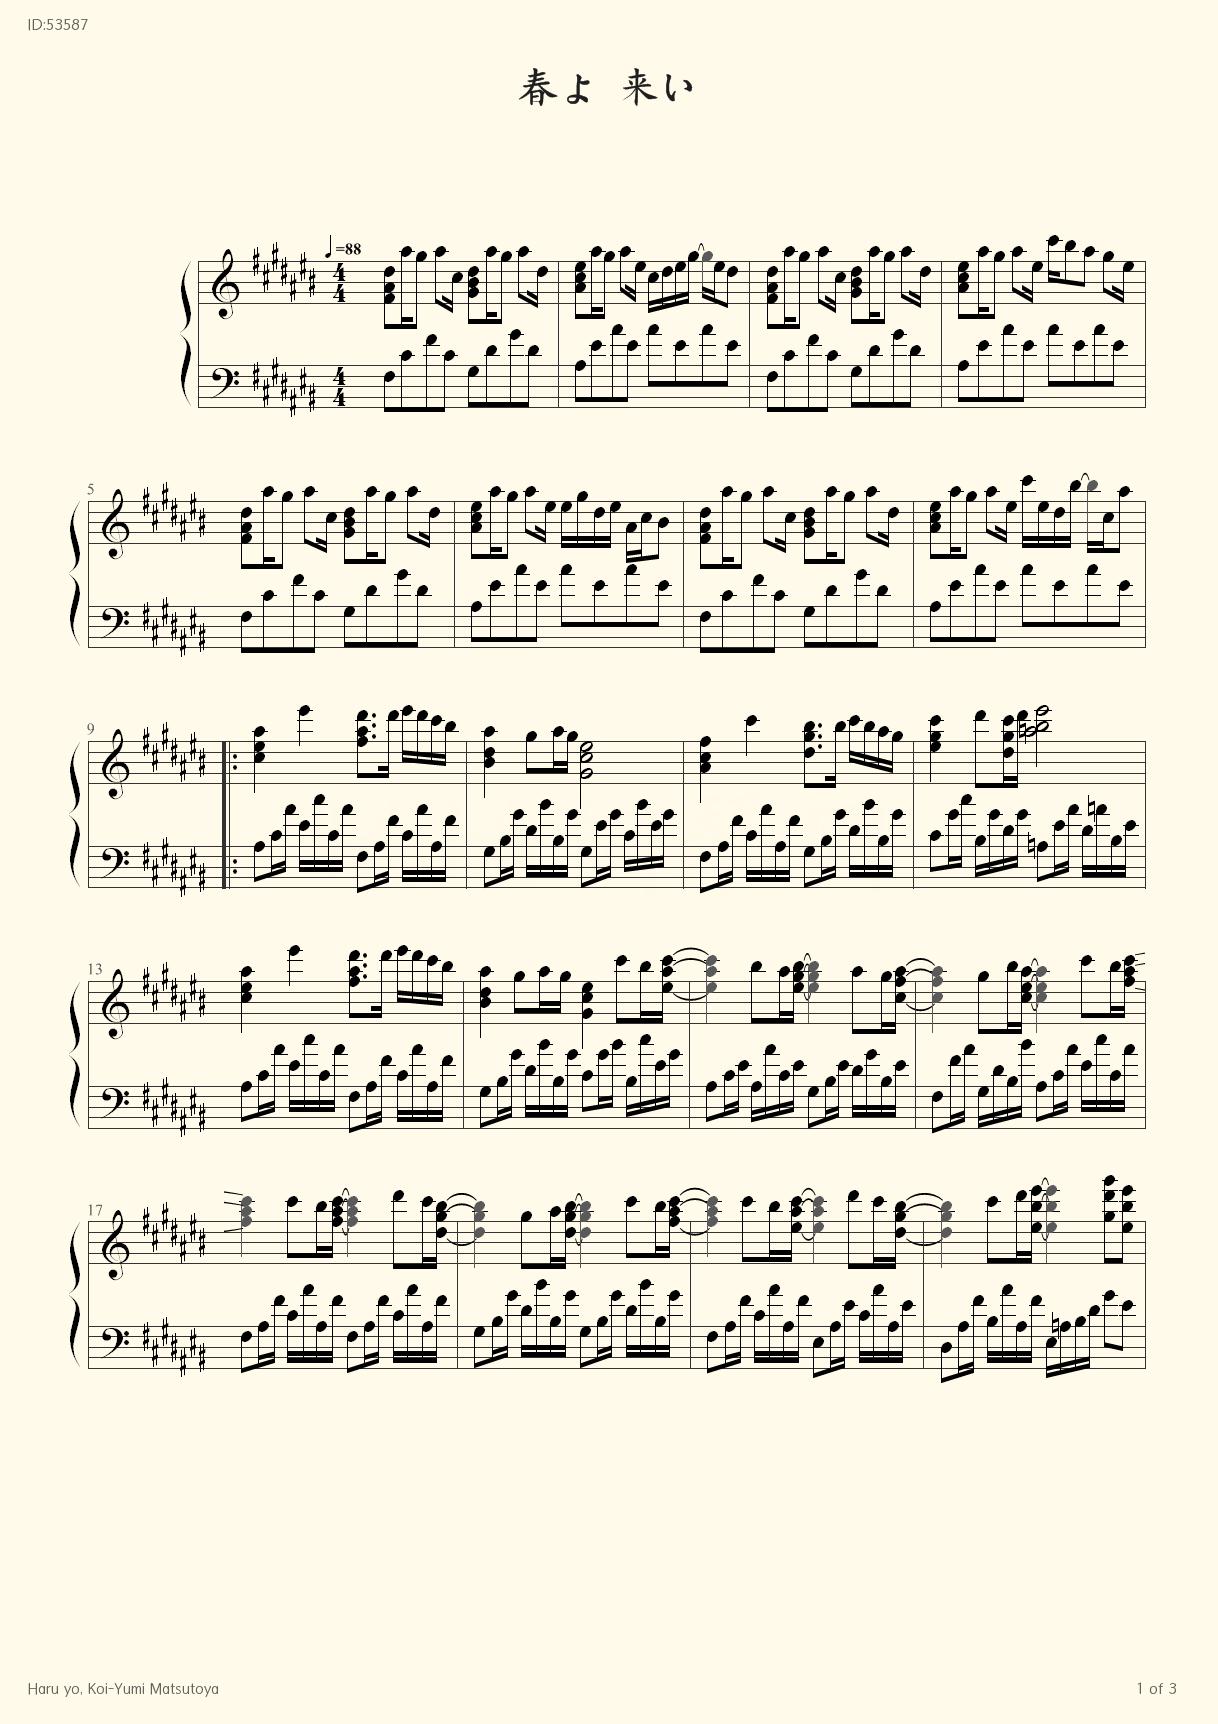 Haru yo Koi Yumi Matsutoya - Yumi Matsutoya - first page